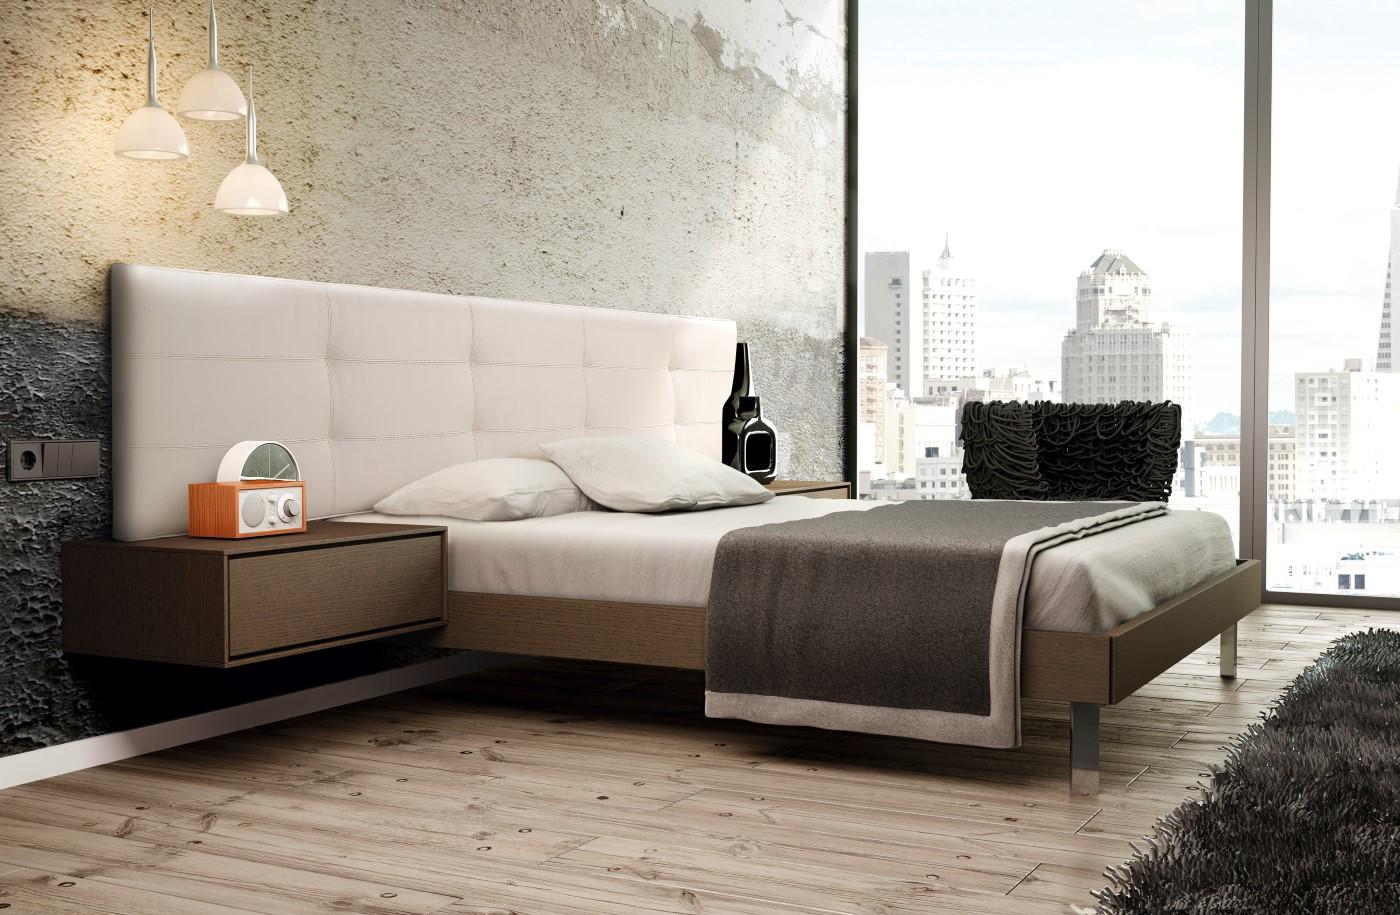 Dormitorios y camas modernos de calidad online en valencia for Muebles online valencia